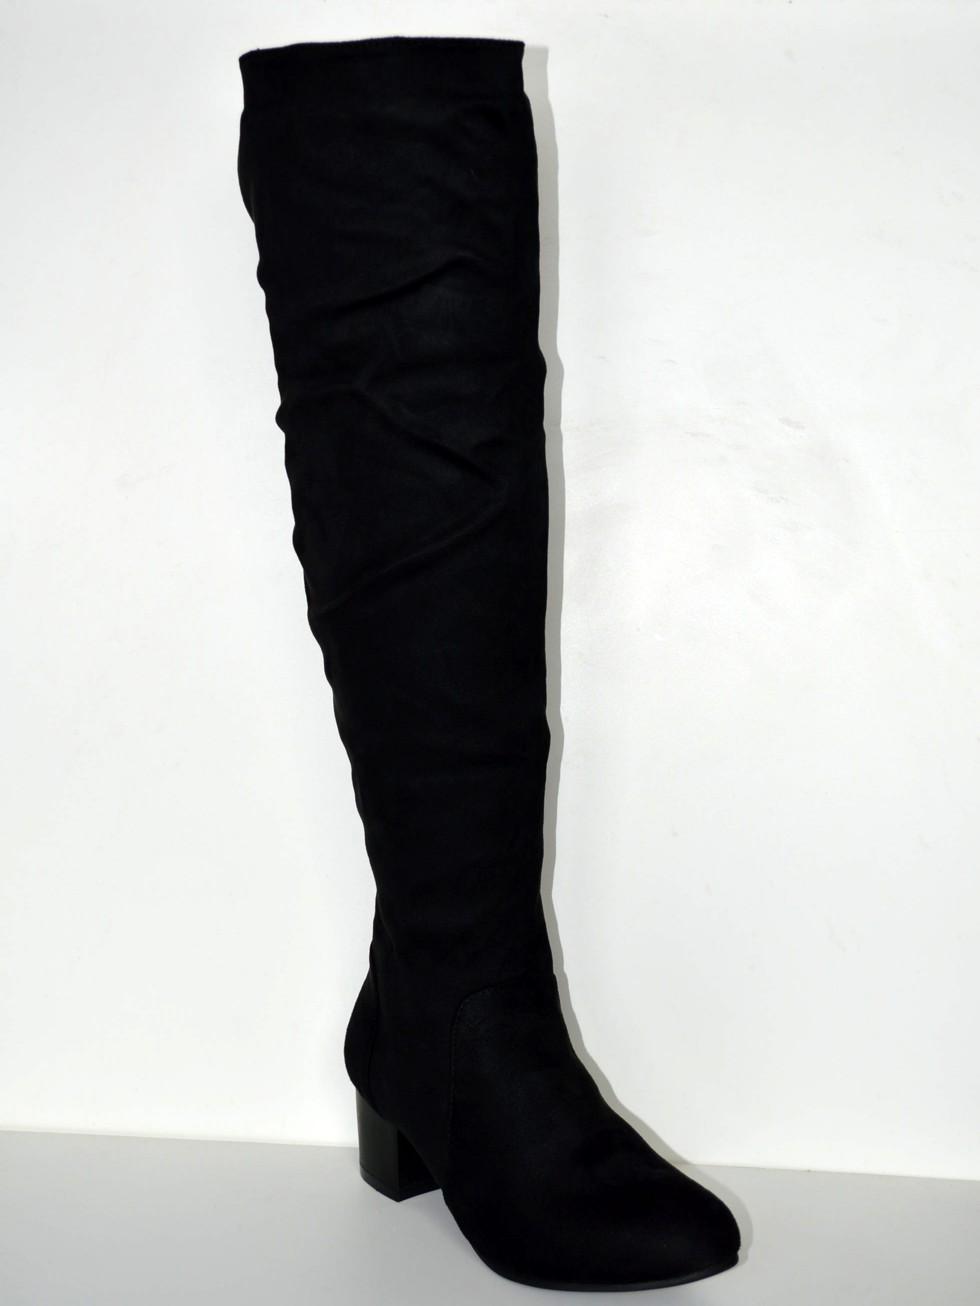 5c9715499bbd8 Zimné čižmy zateplené čižmy nad kolená zo semišu.